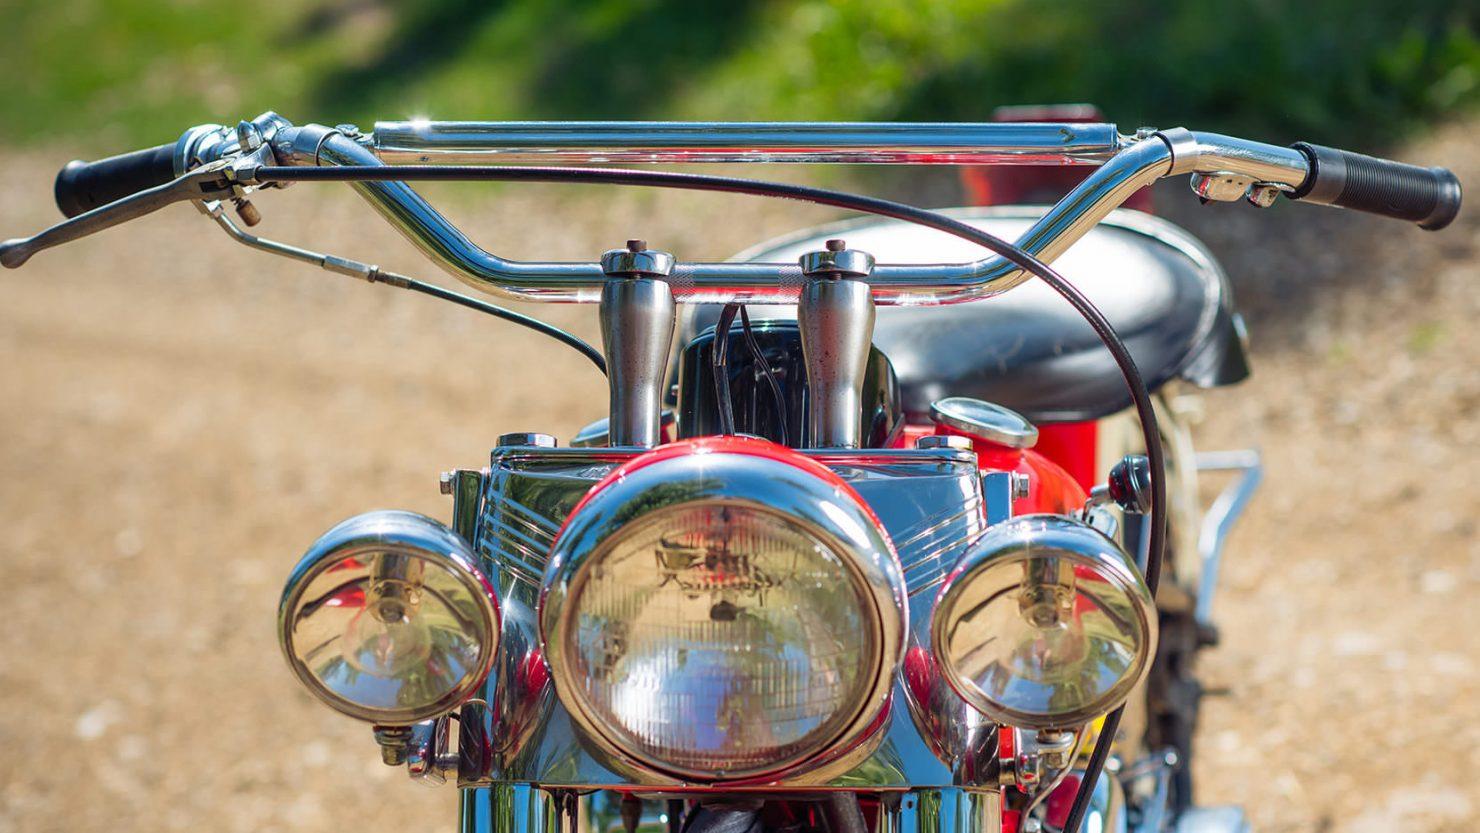 Harley Davidson FL Panhead 8 1480x833 - 1949 Harley-Davidson FL Panhead